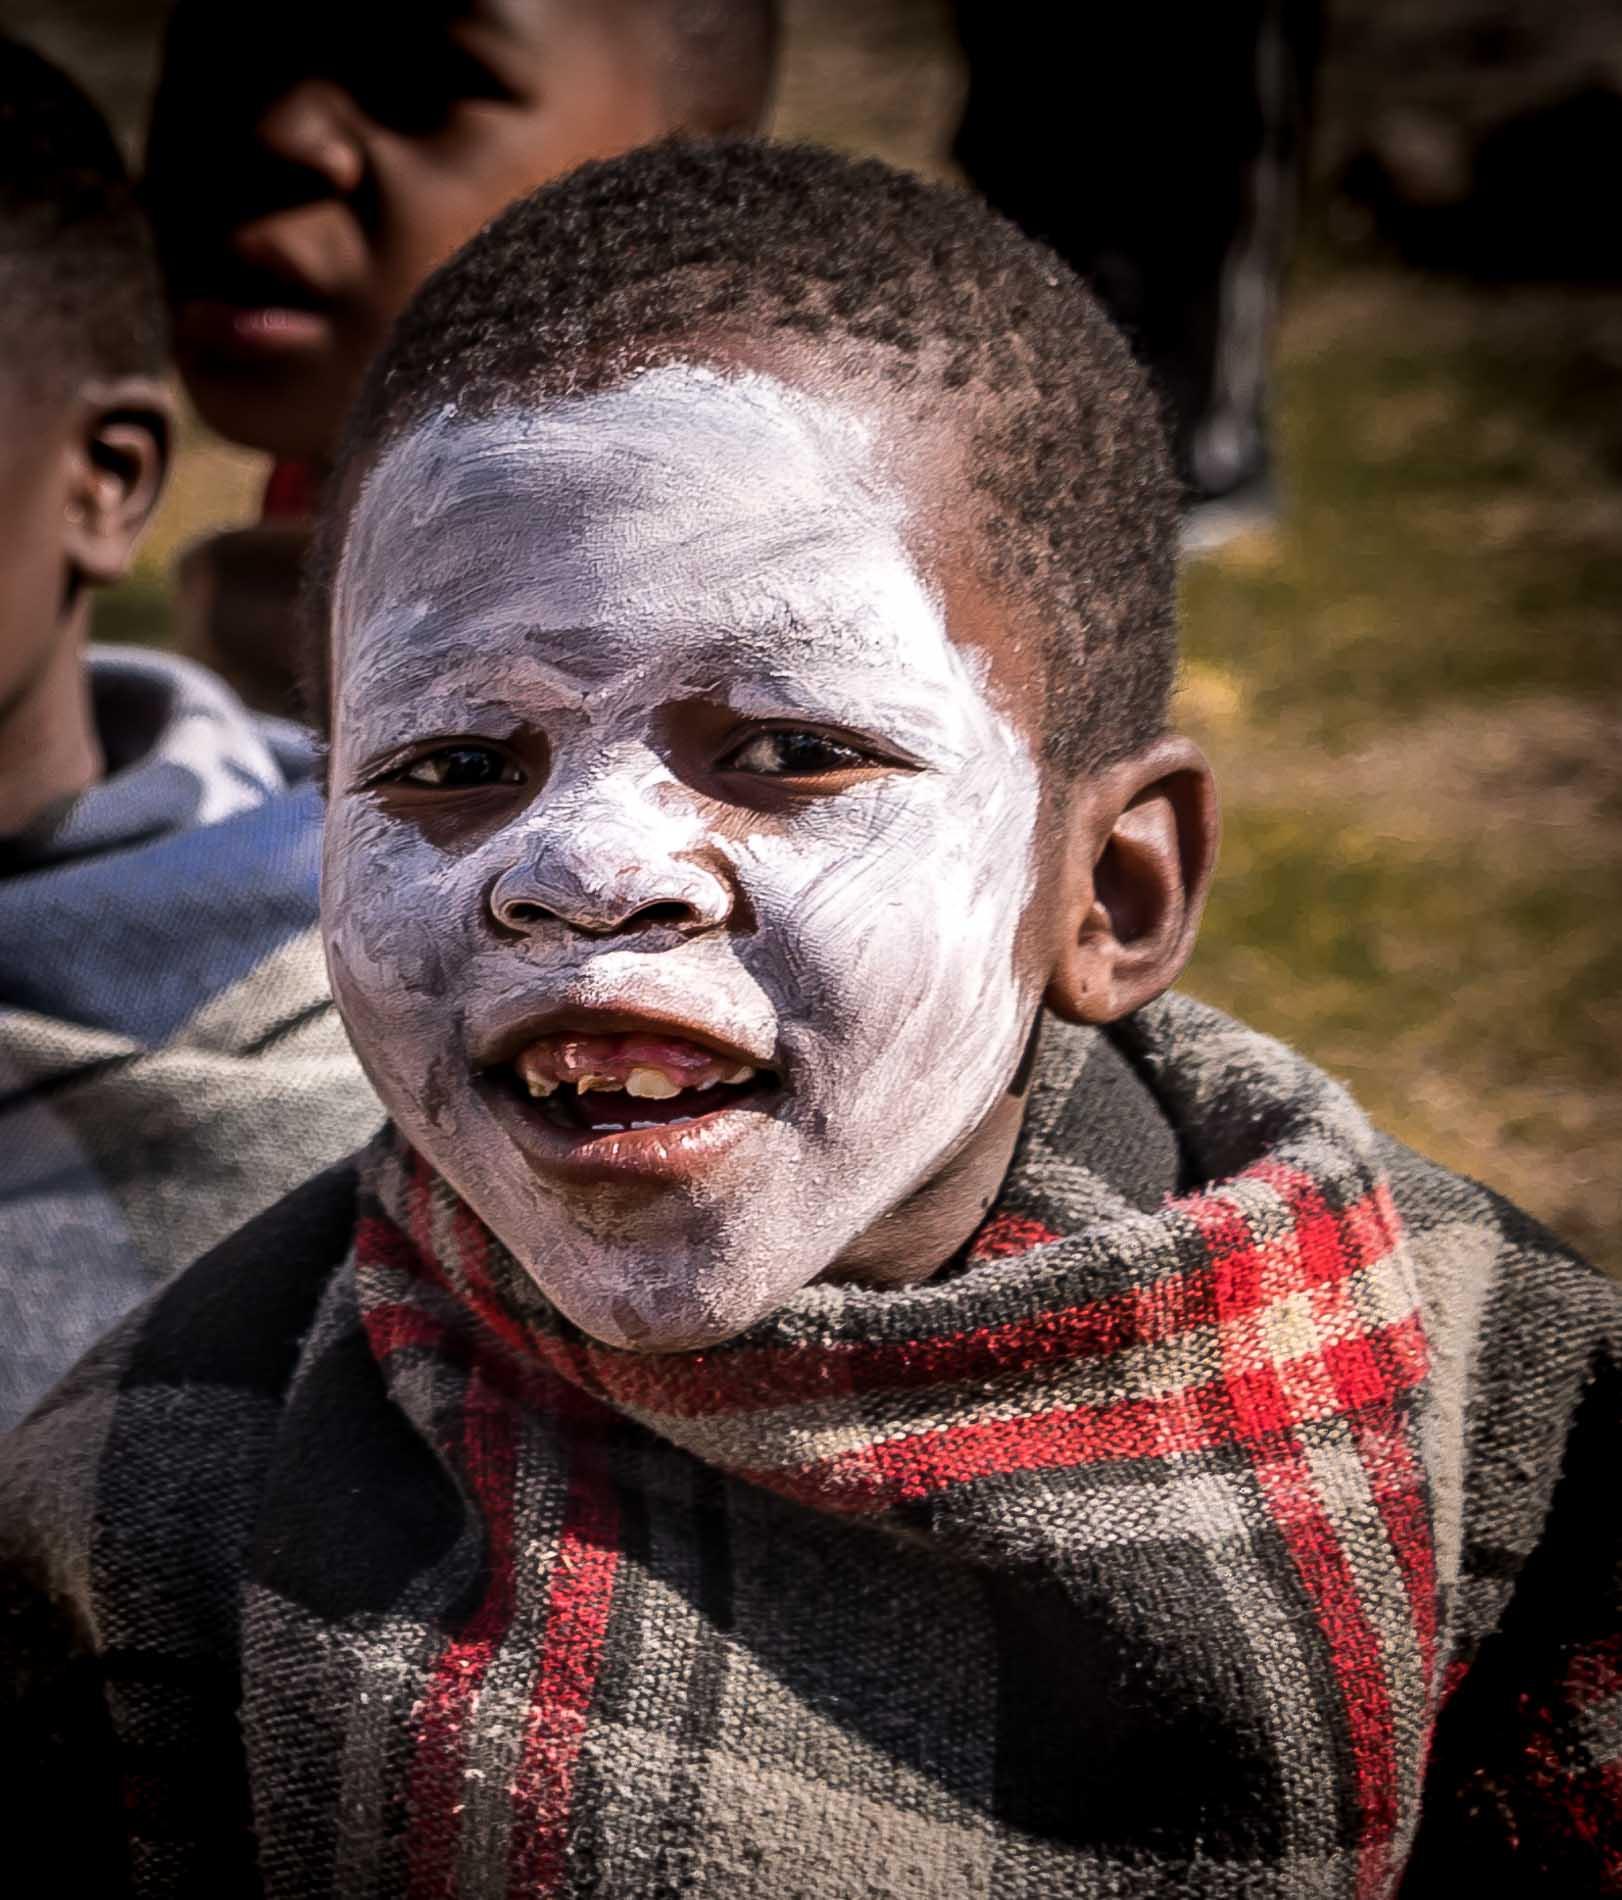 Basoto boy, Lesotho